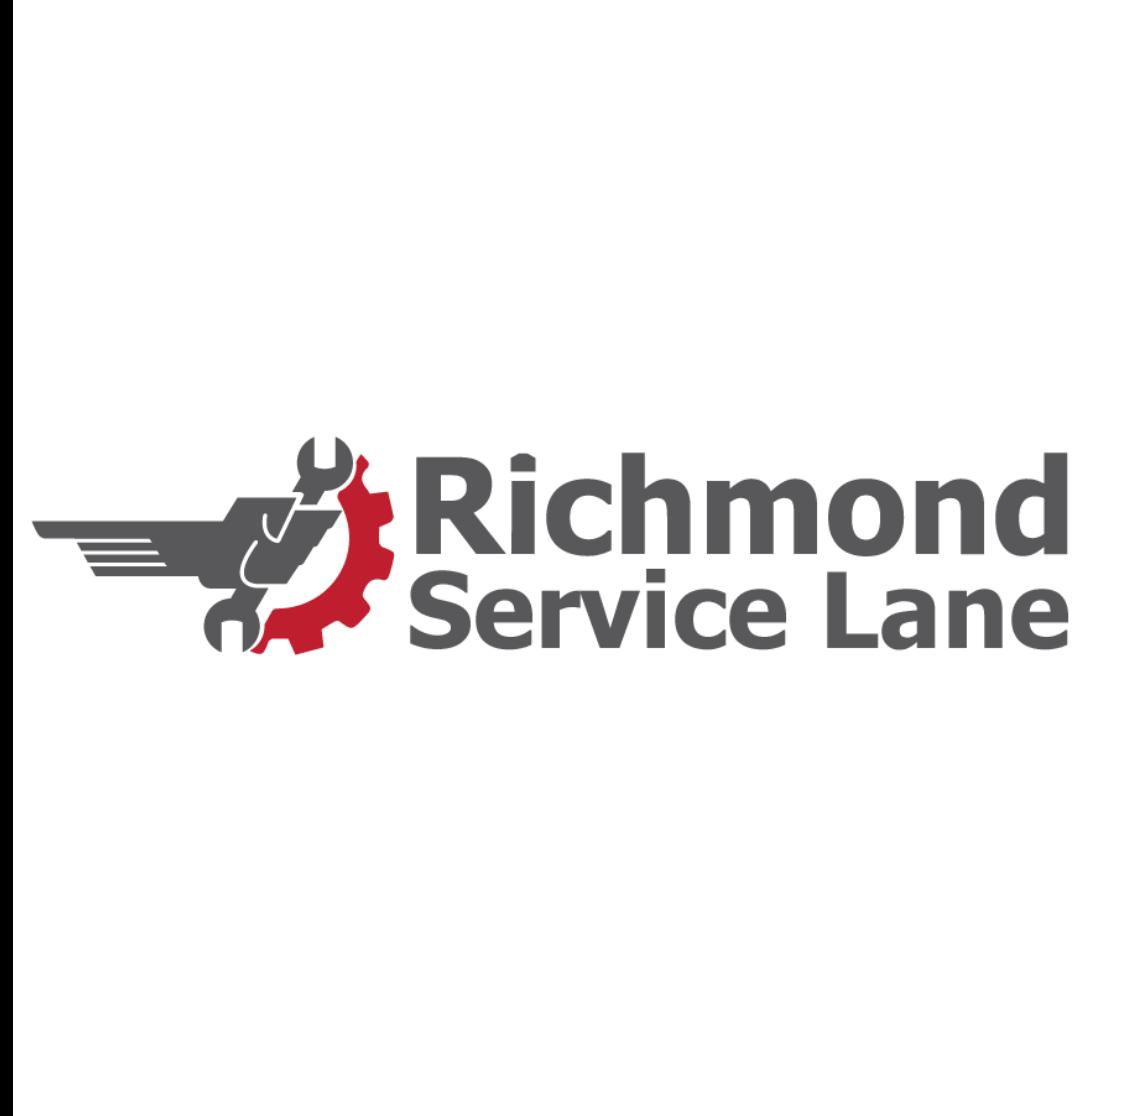 Richmond Service Lane 2.png